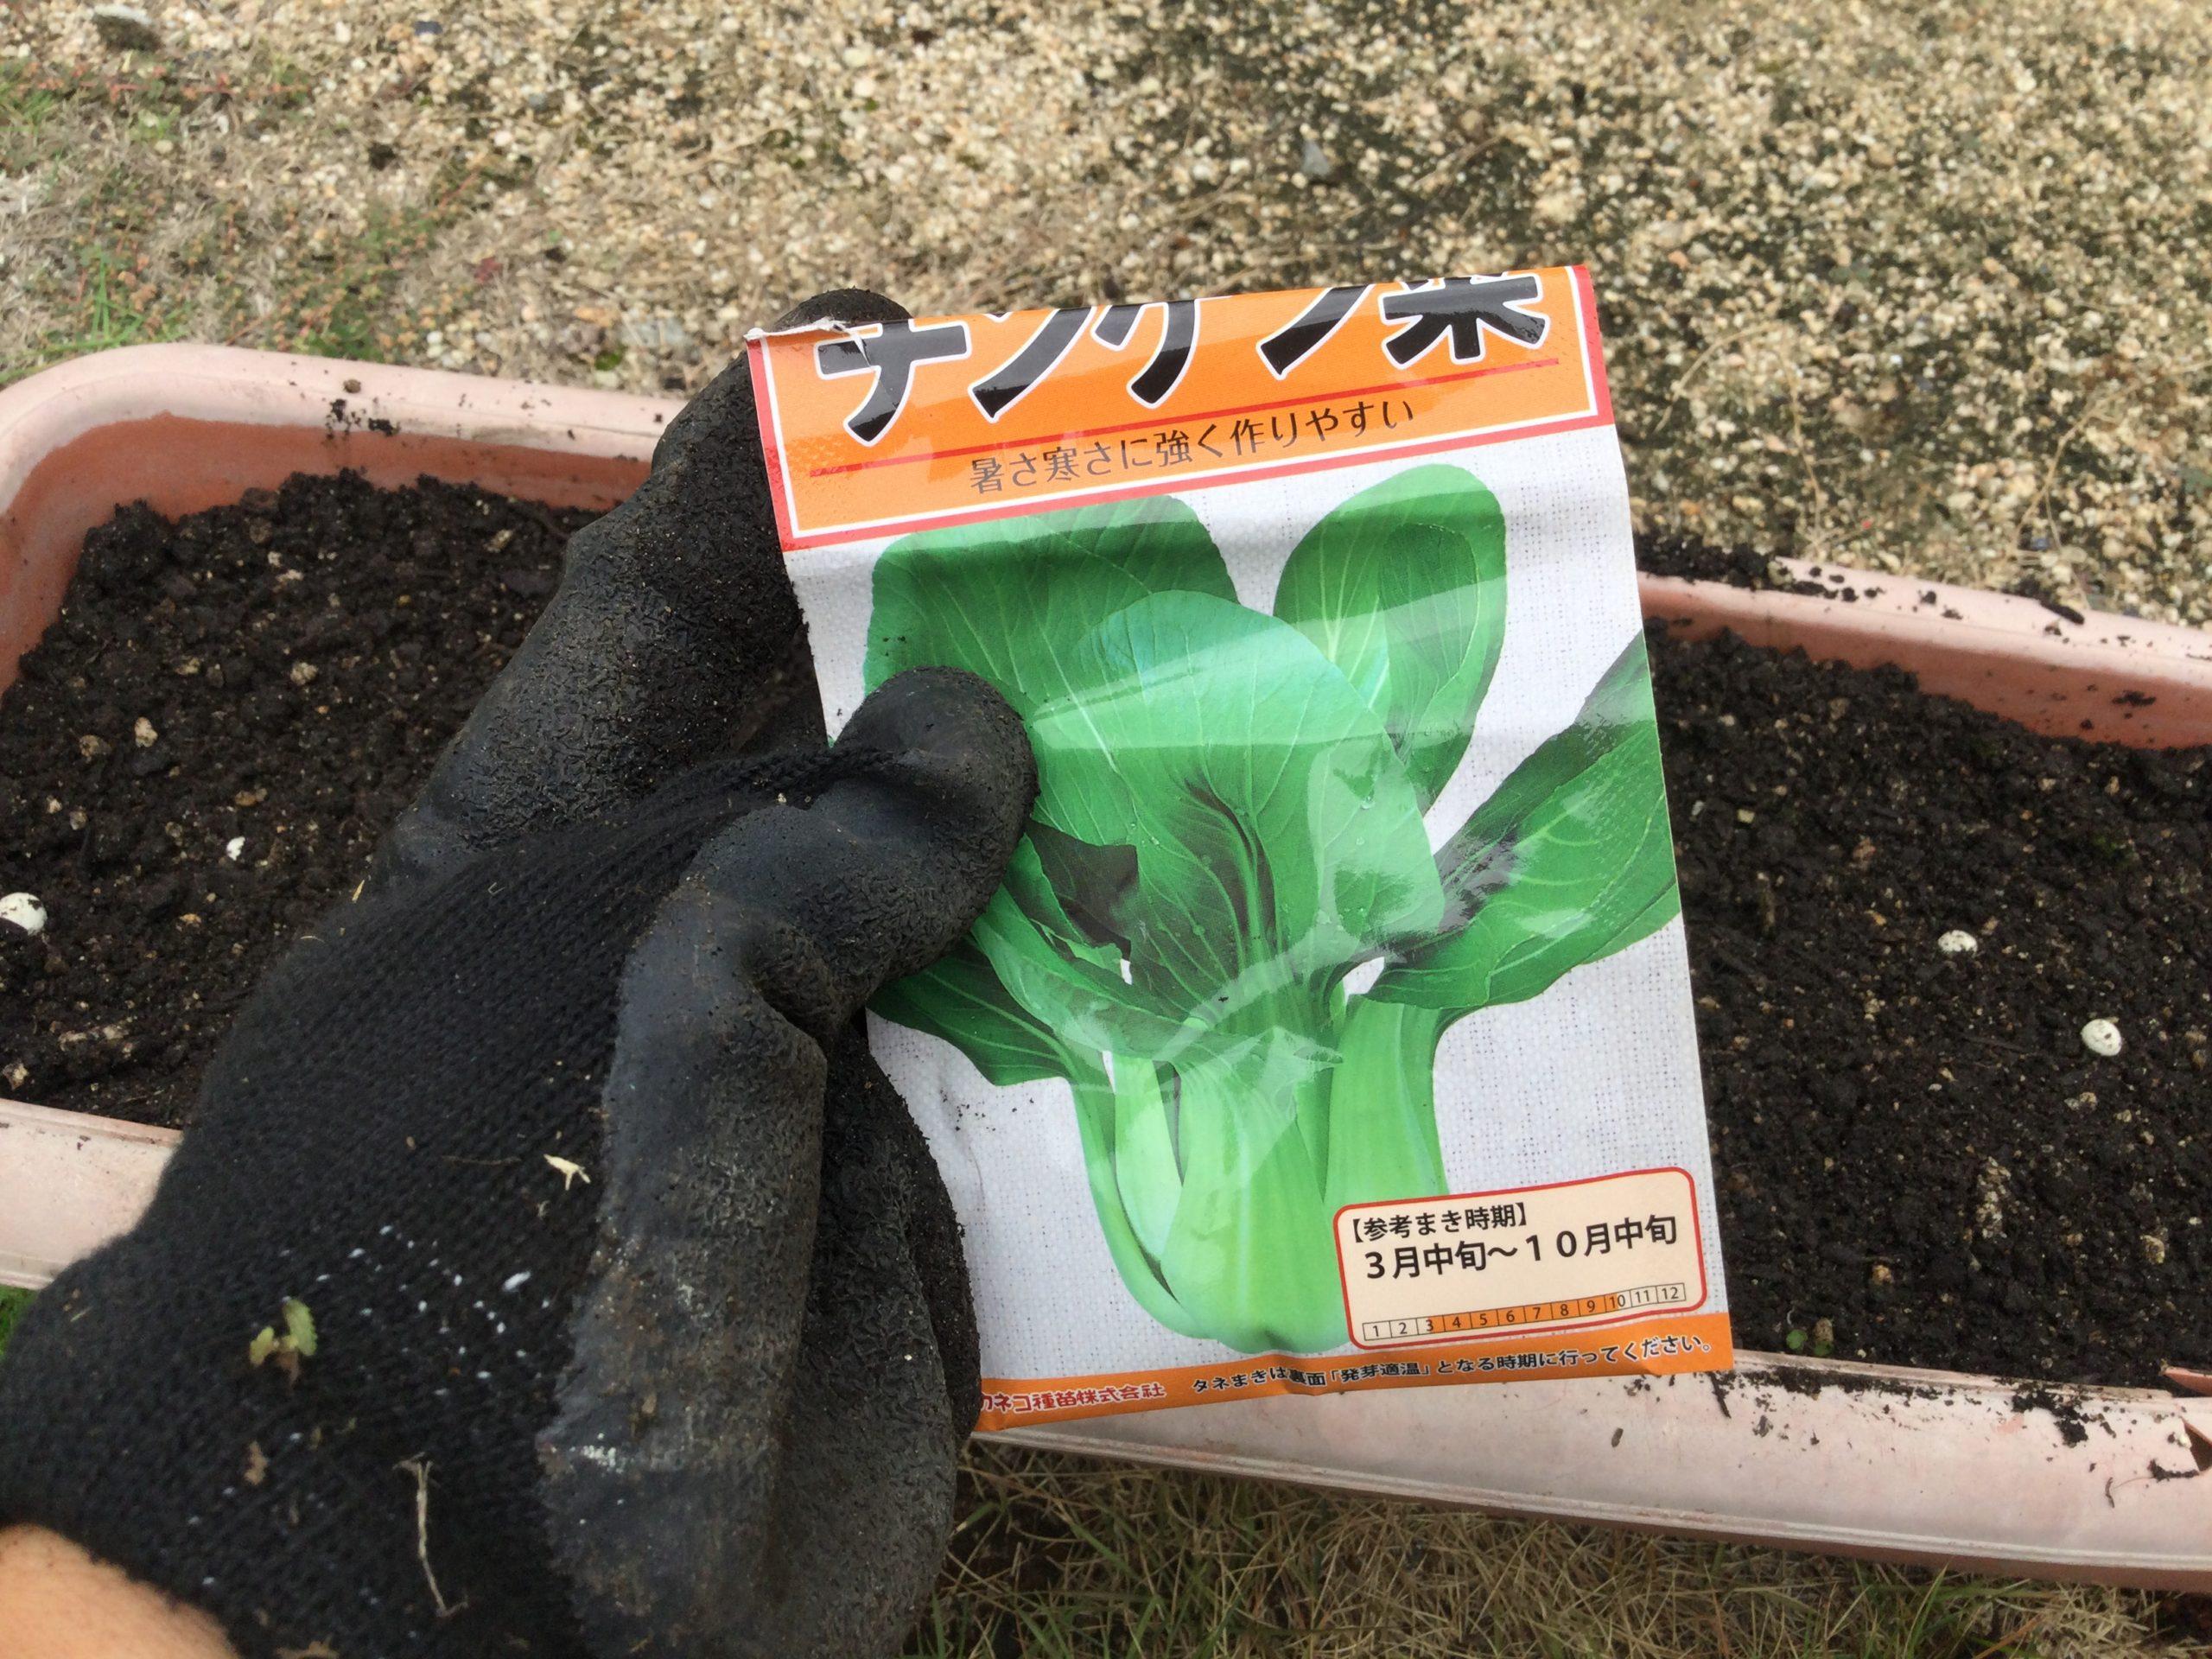 Daisoで半年前に購入した種が使えるか?ほうれん草とチンゲン菜!